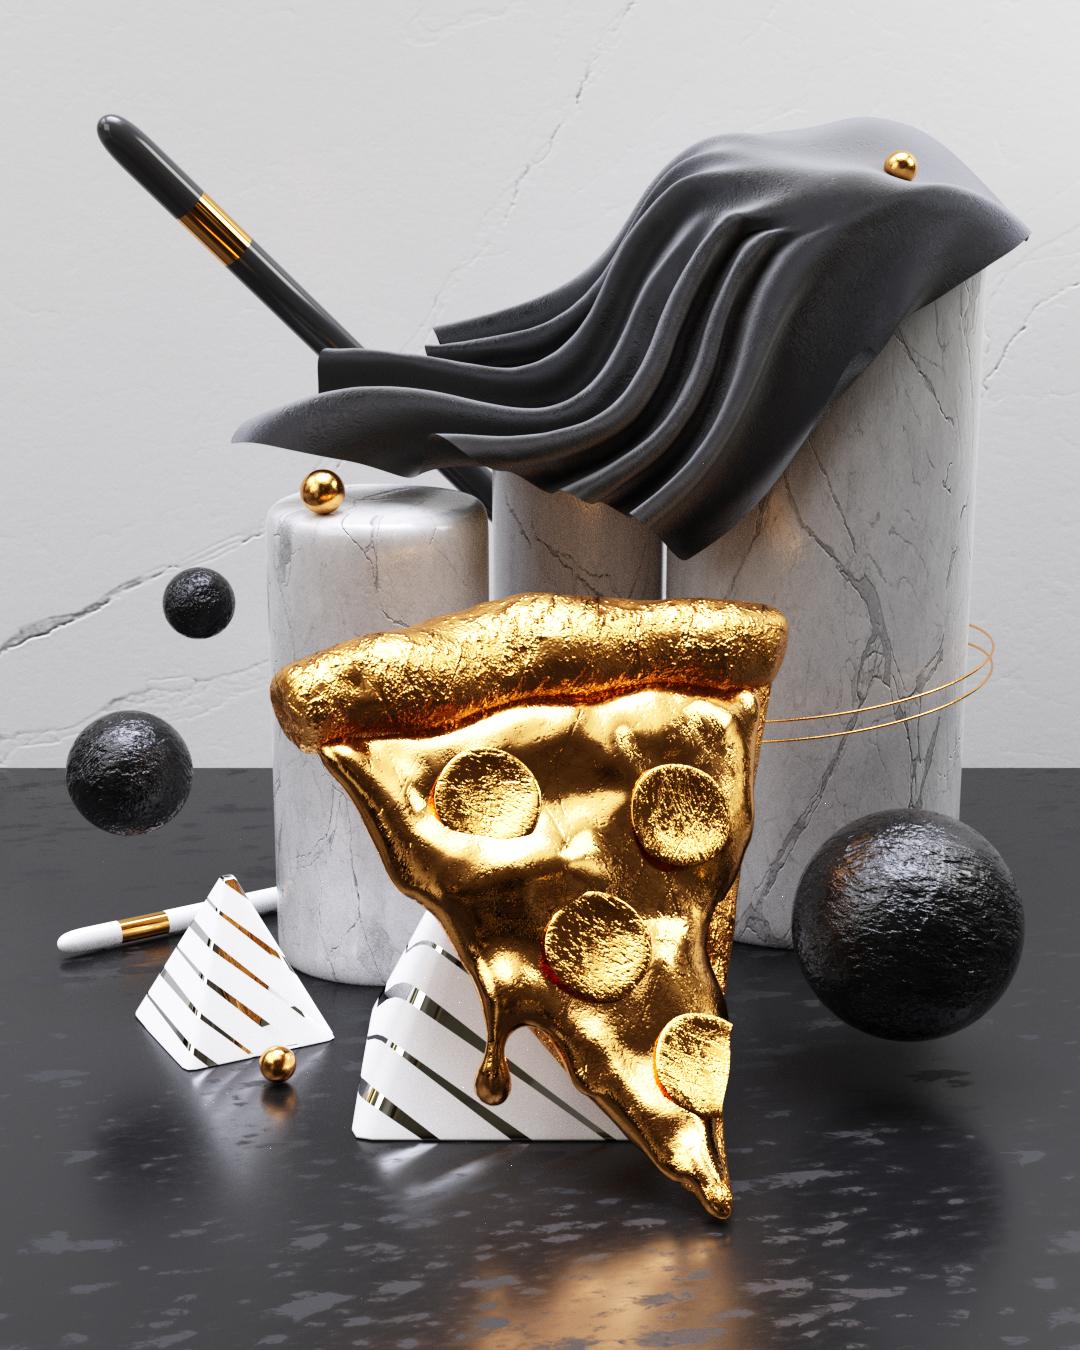 golden delicious -